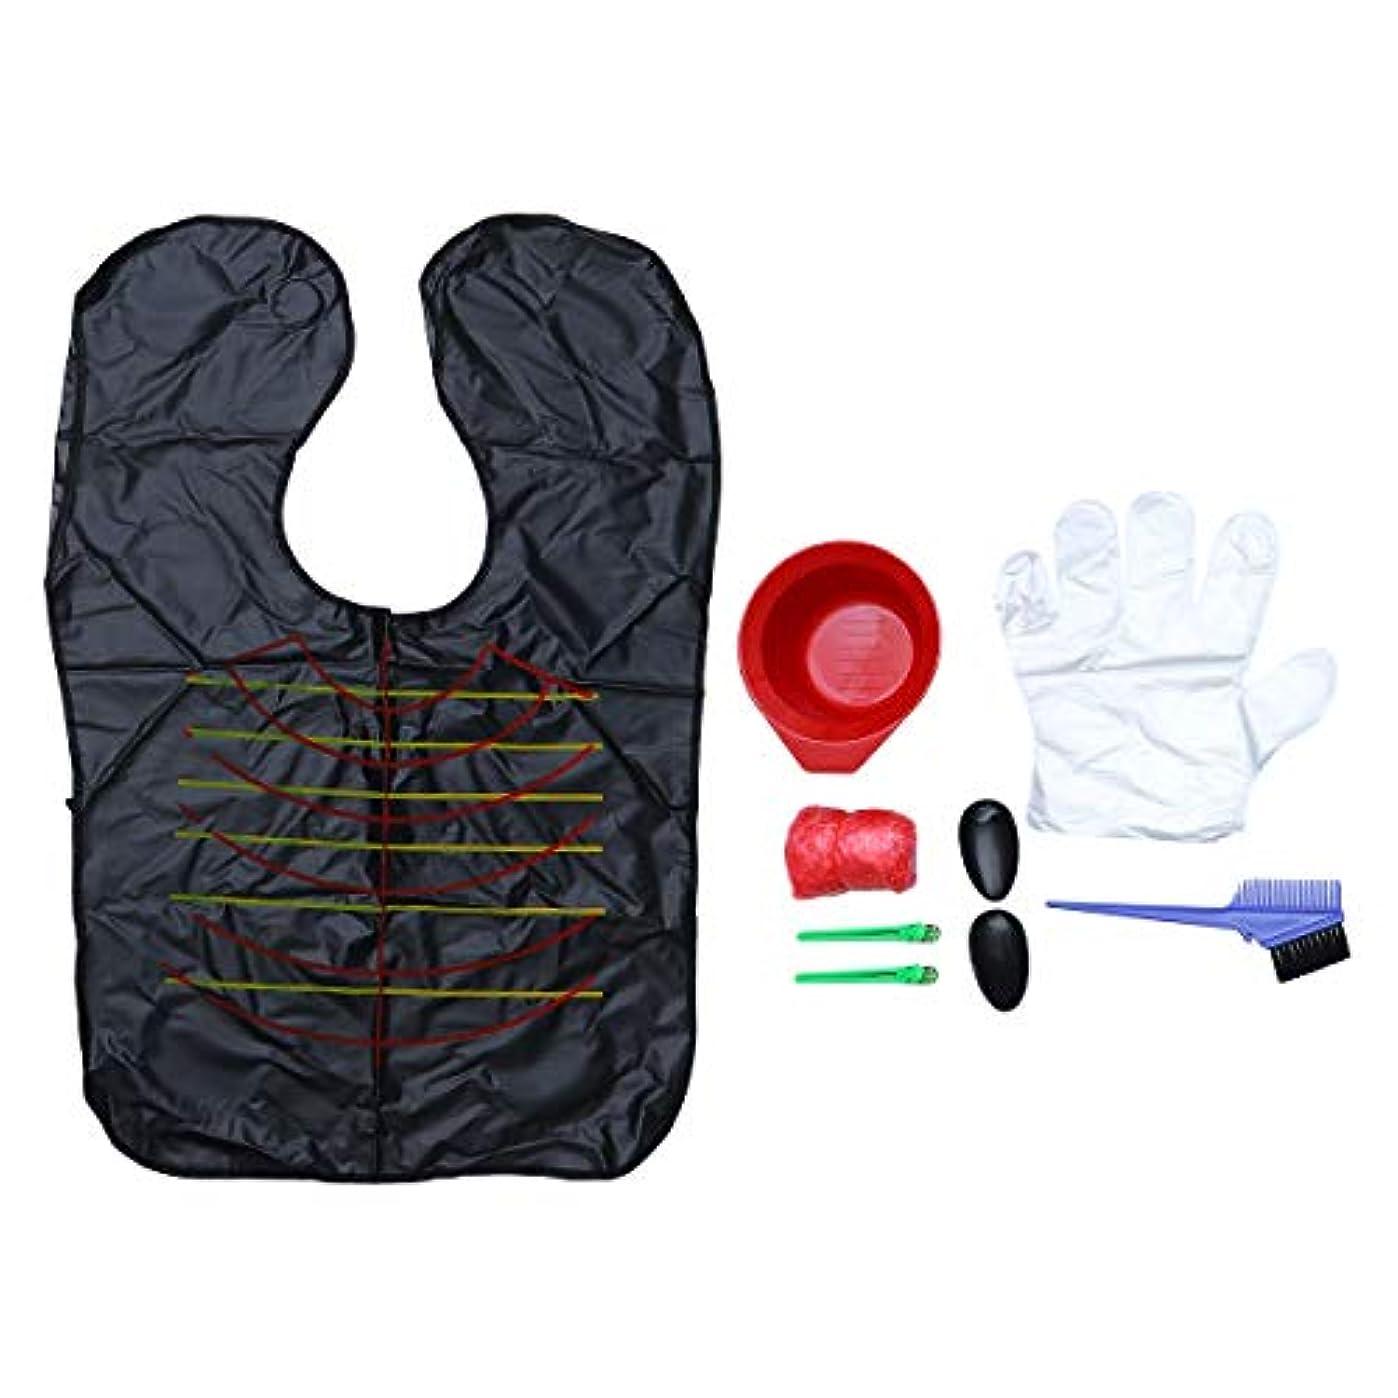 偽装するテント補体HEALLILY ヘアカラー染色キットヘアダイDIYツールダイブラシミキシングボウルイヤーキャップシャワーキャップ弾性手袋9個(ランダムカラー)